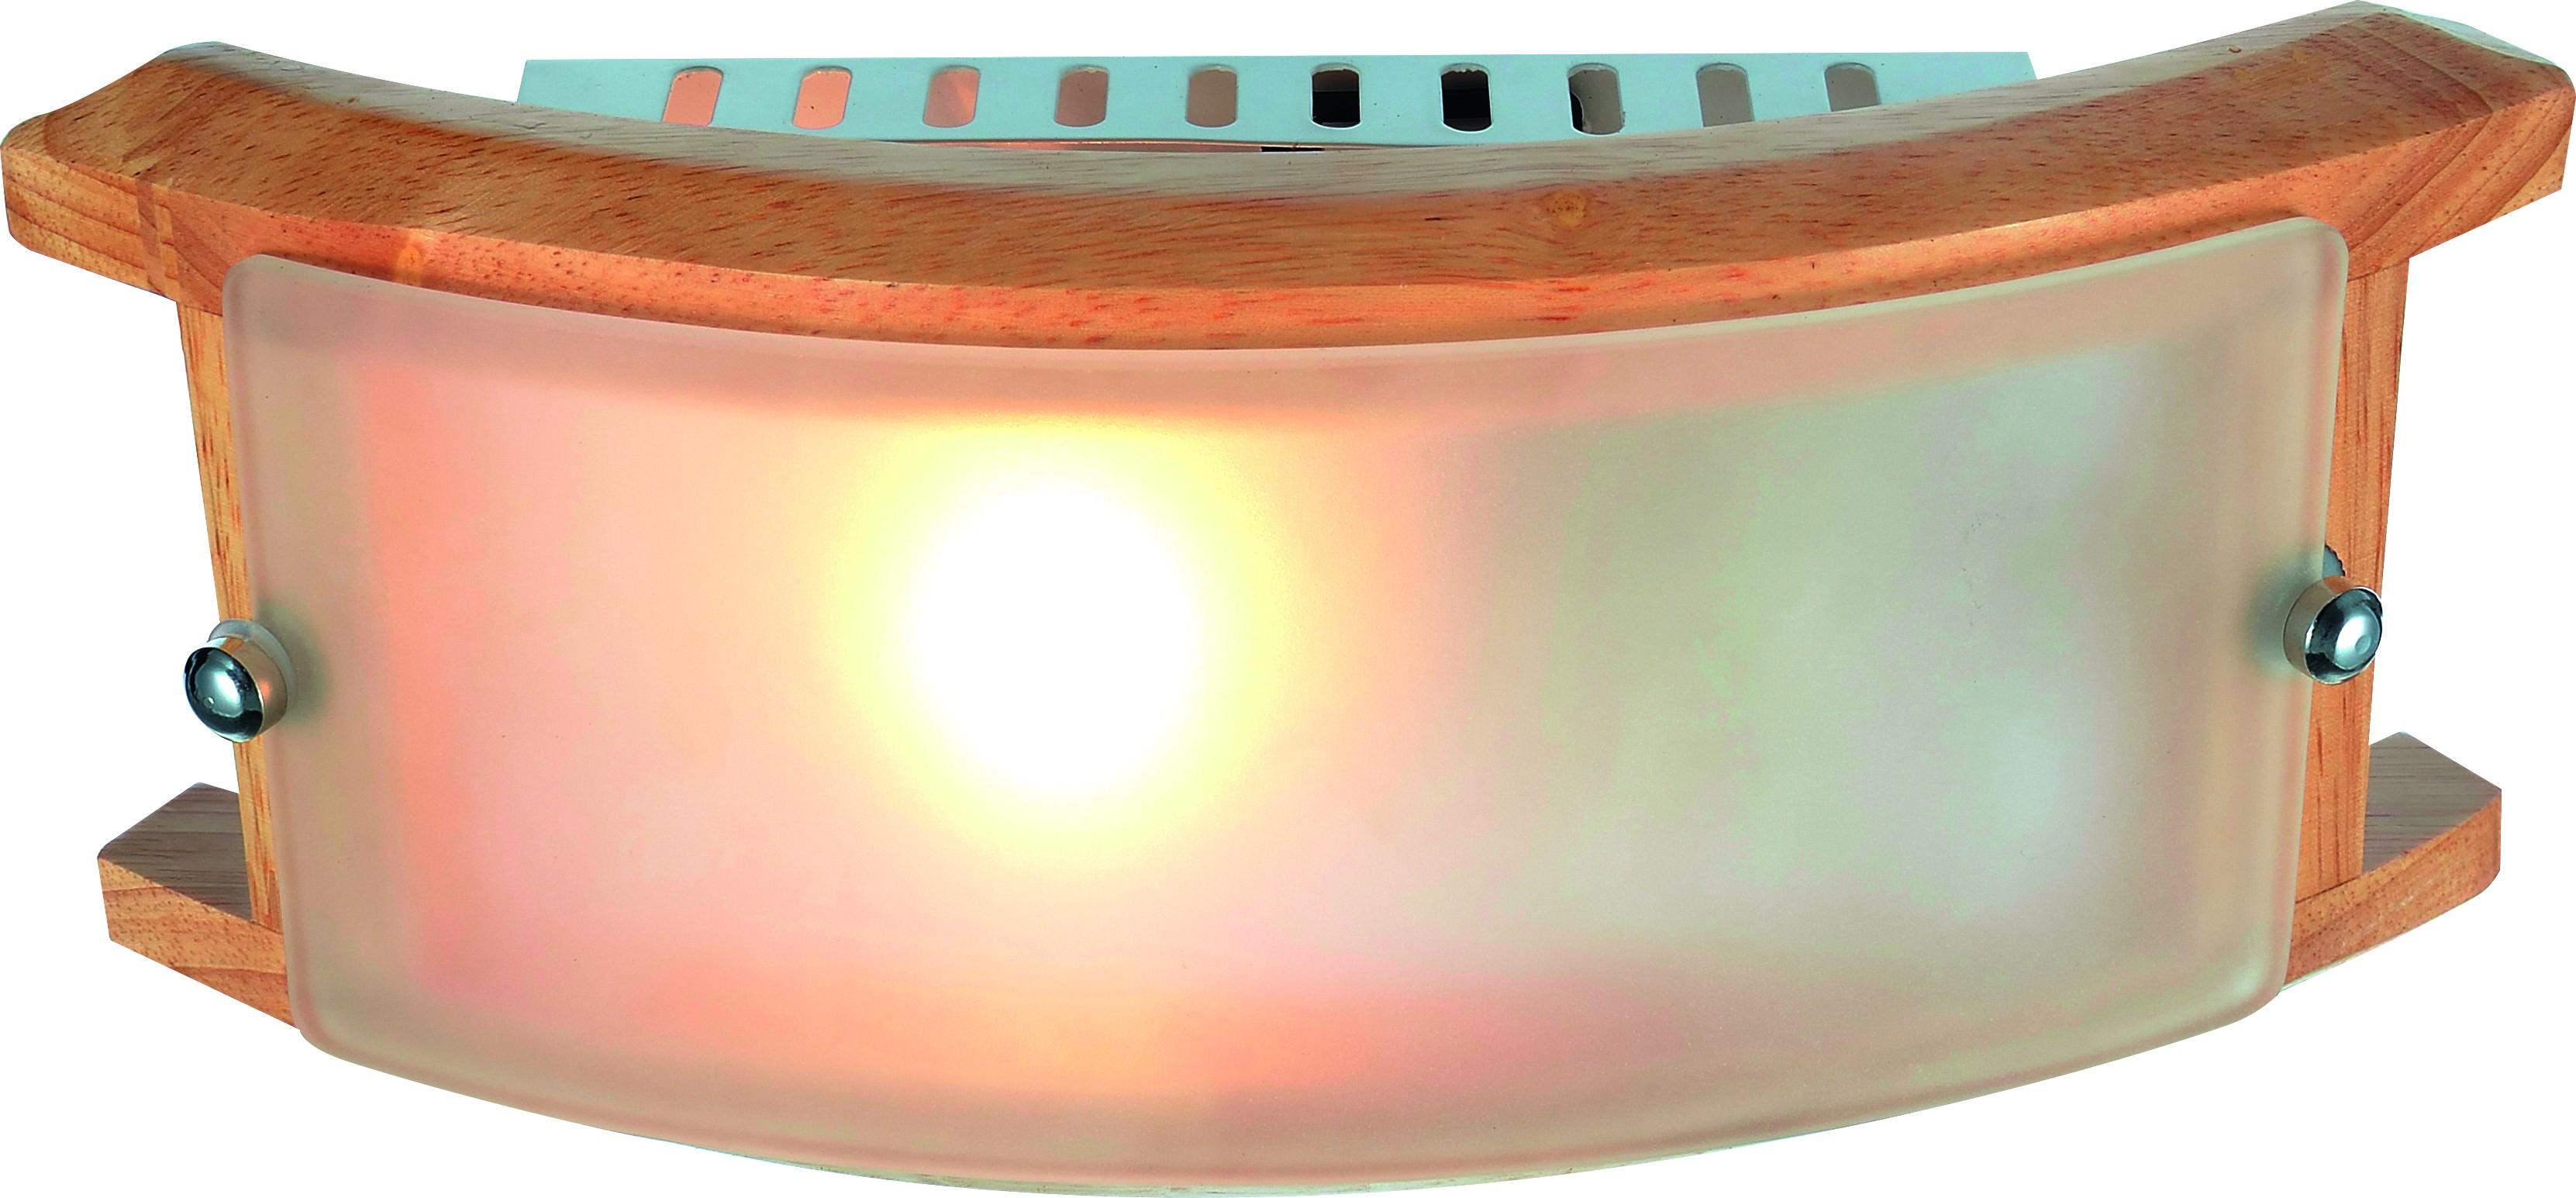 Светильник настенный Arte lamp A6460ap-1br накладной светильник arte lamp archimede a6460ap 1br